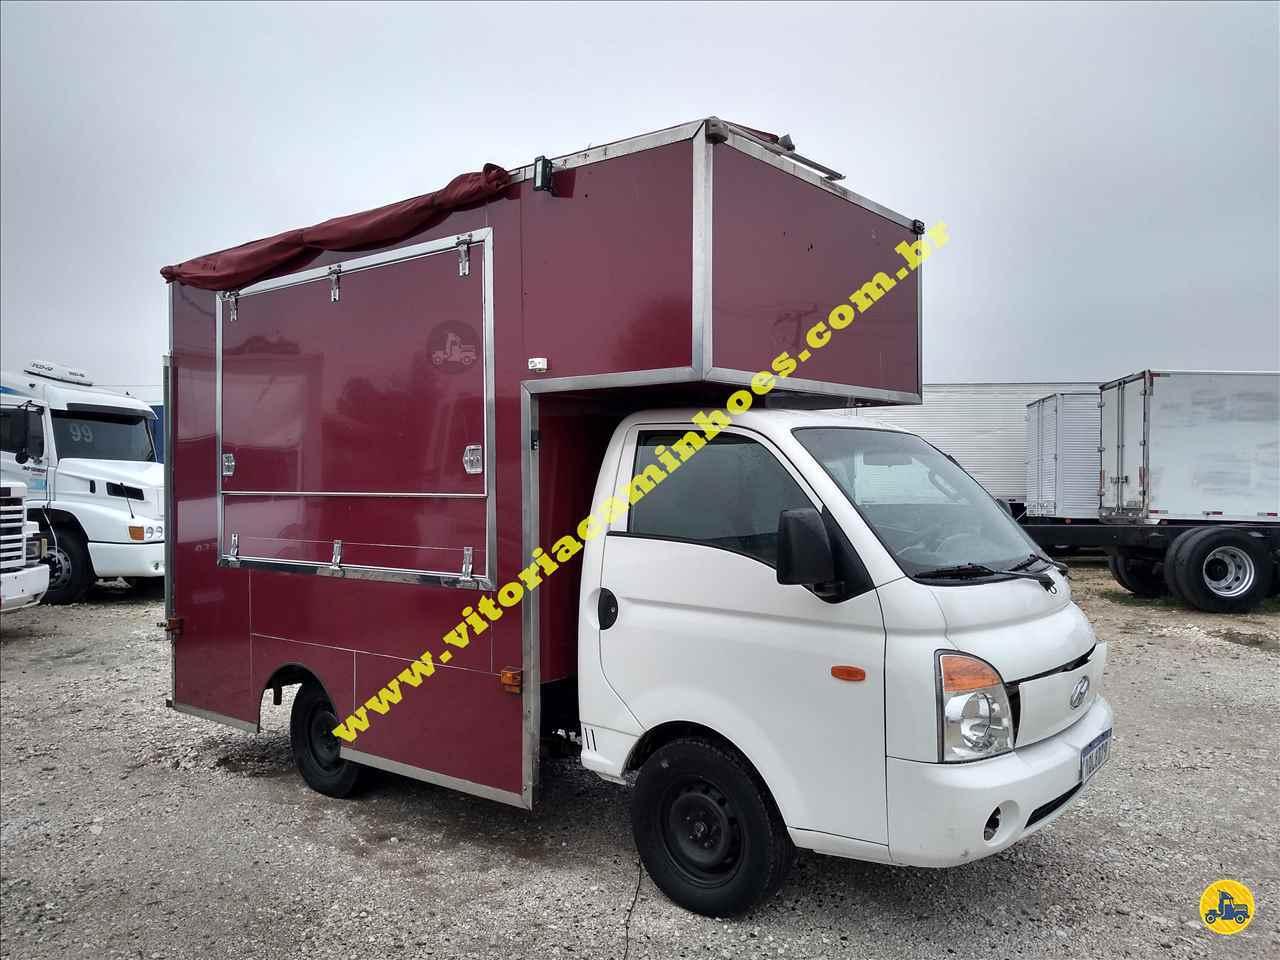 CAMINHAO HYUNDAI HR Food Truck Toco 4x2 Vitória Caminhões CURITIBA PARANÁ PR